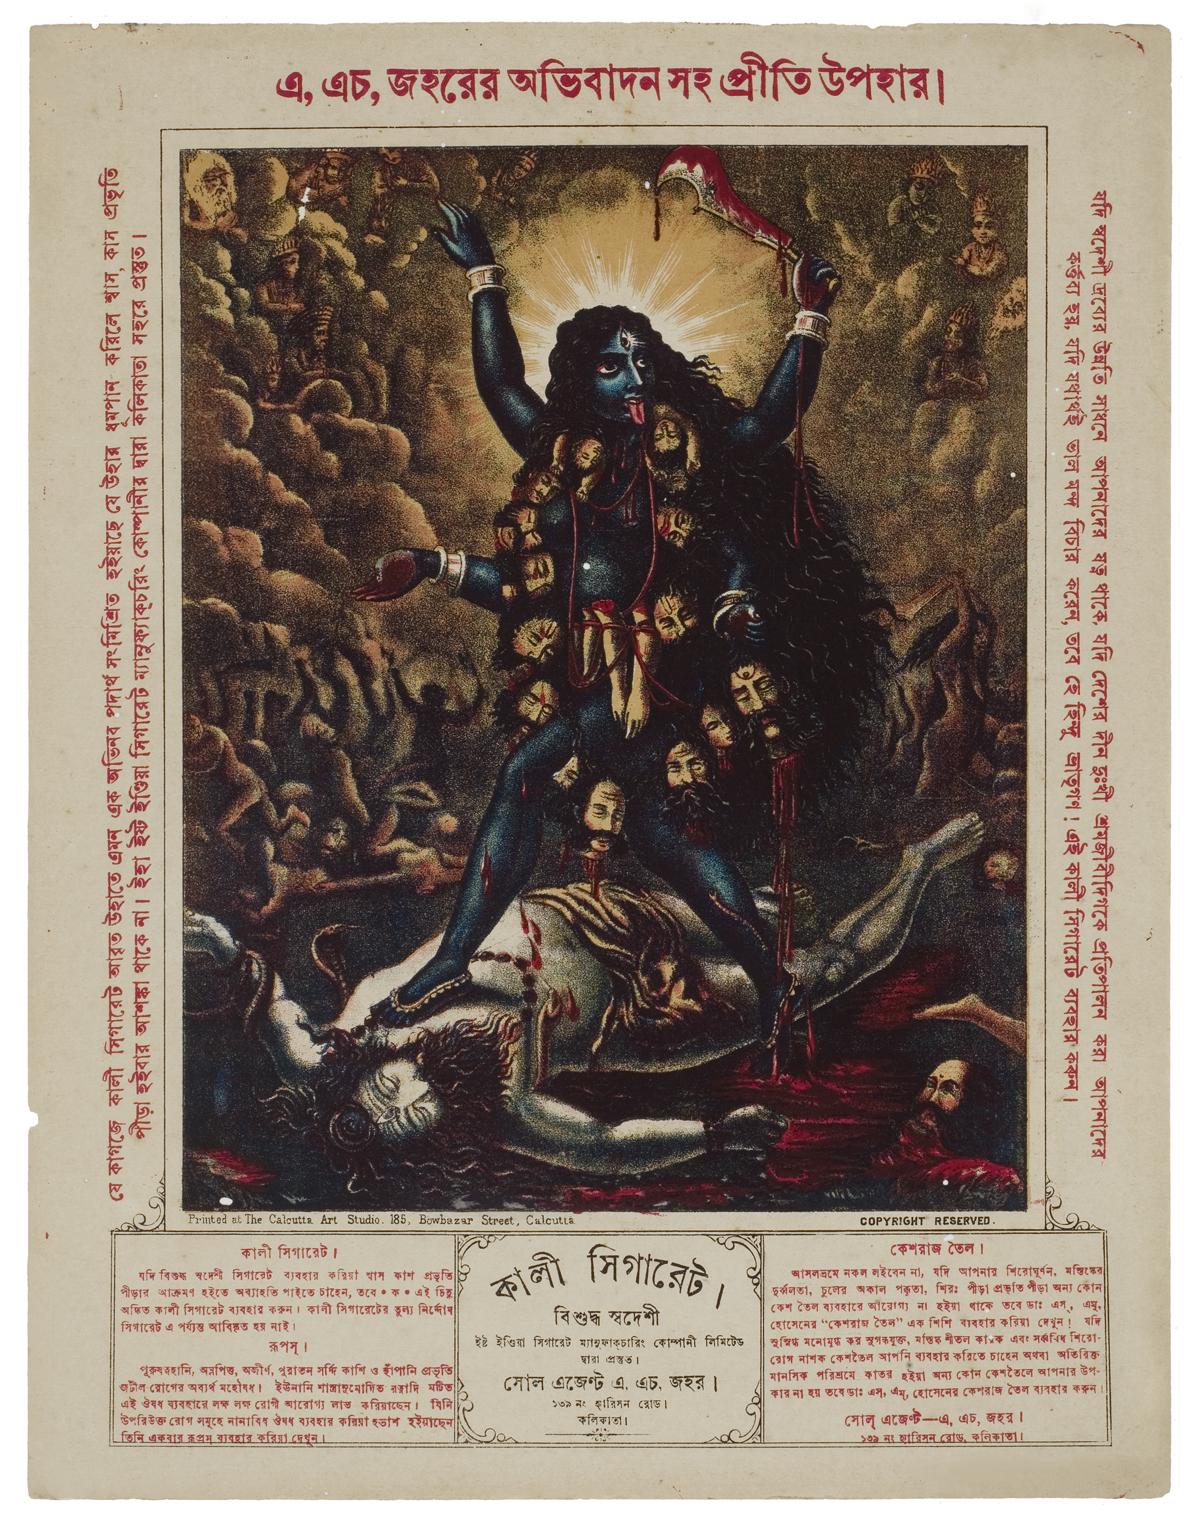 Kali, c. 1885